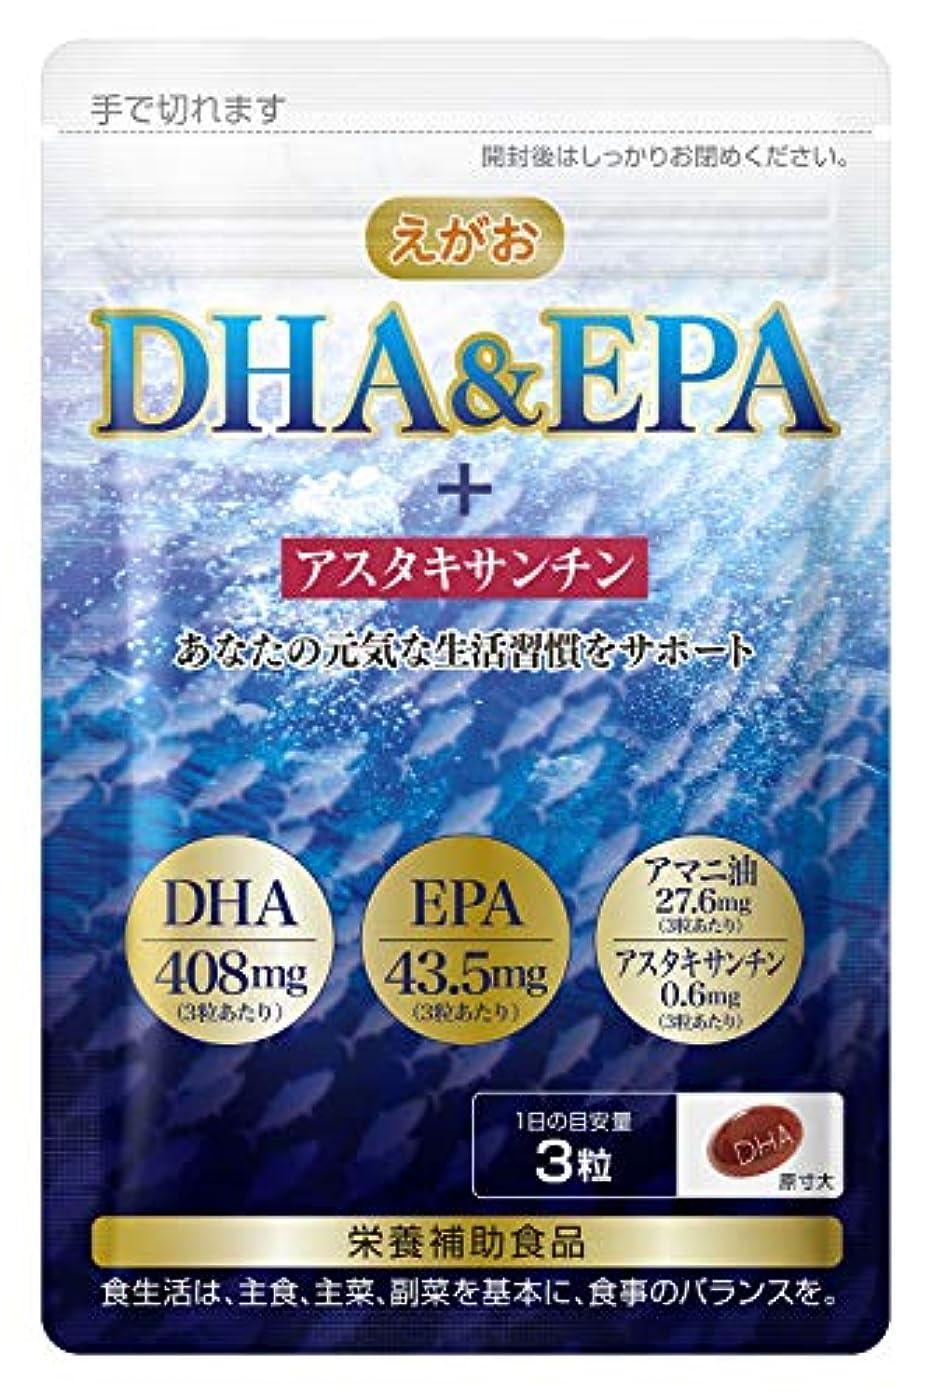 彼女自身読者ほのかえがおの DHA&EPA+アスタキサンチン 【1袋】(1袋/93粒入り 約1ヵ月分) 栄養補助食品